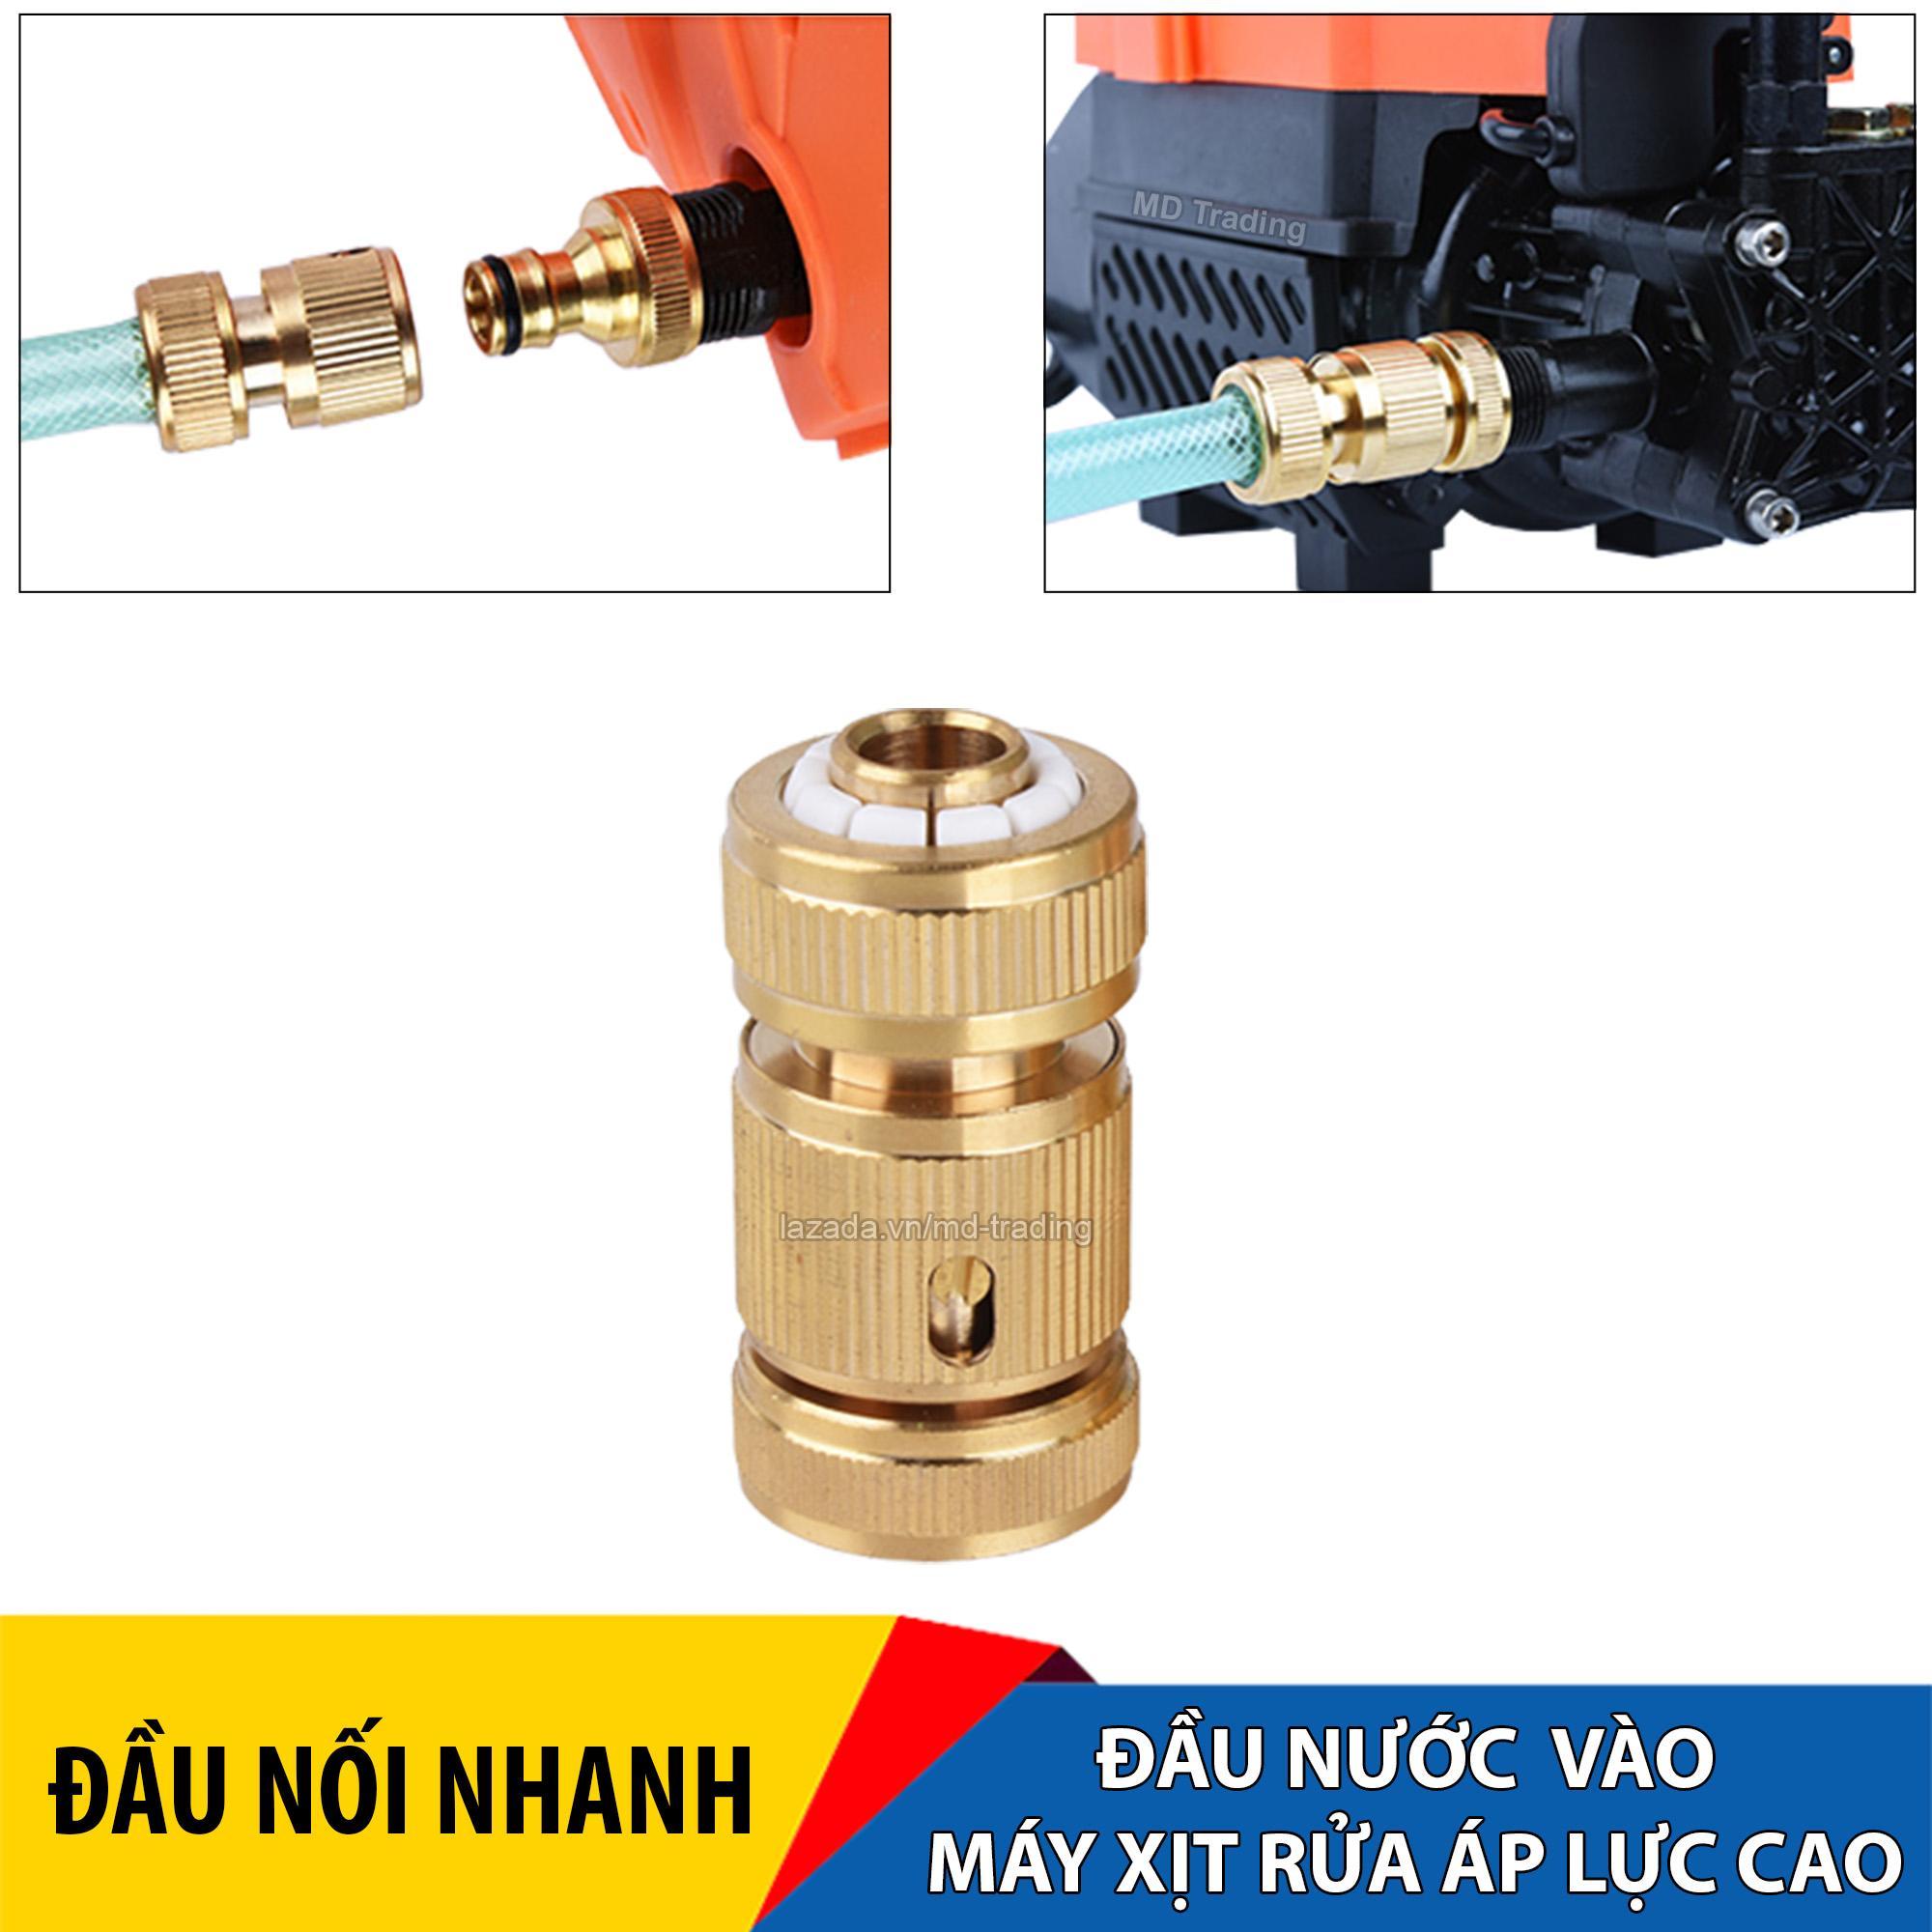 Khớp nối nhanh dây cấp nước đầu vào máy TOWA, tháo lắp dây cấp nước vô cùng nhanh, phụ kiện nối nhanh đầu vào máy rửa xe áp lực cao, khớp nối bằng đồng chắc chắn, phù hợp với đa số máy phun xịt rửa, máy rửa xe áp lực cao, máy